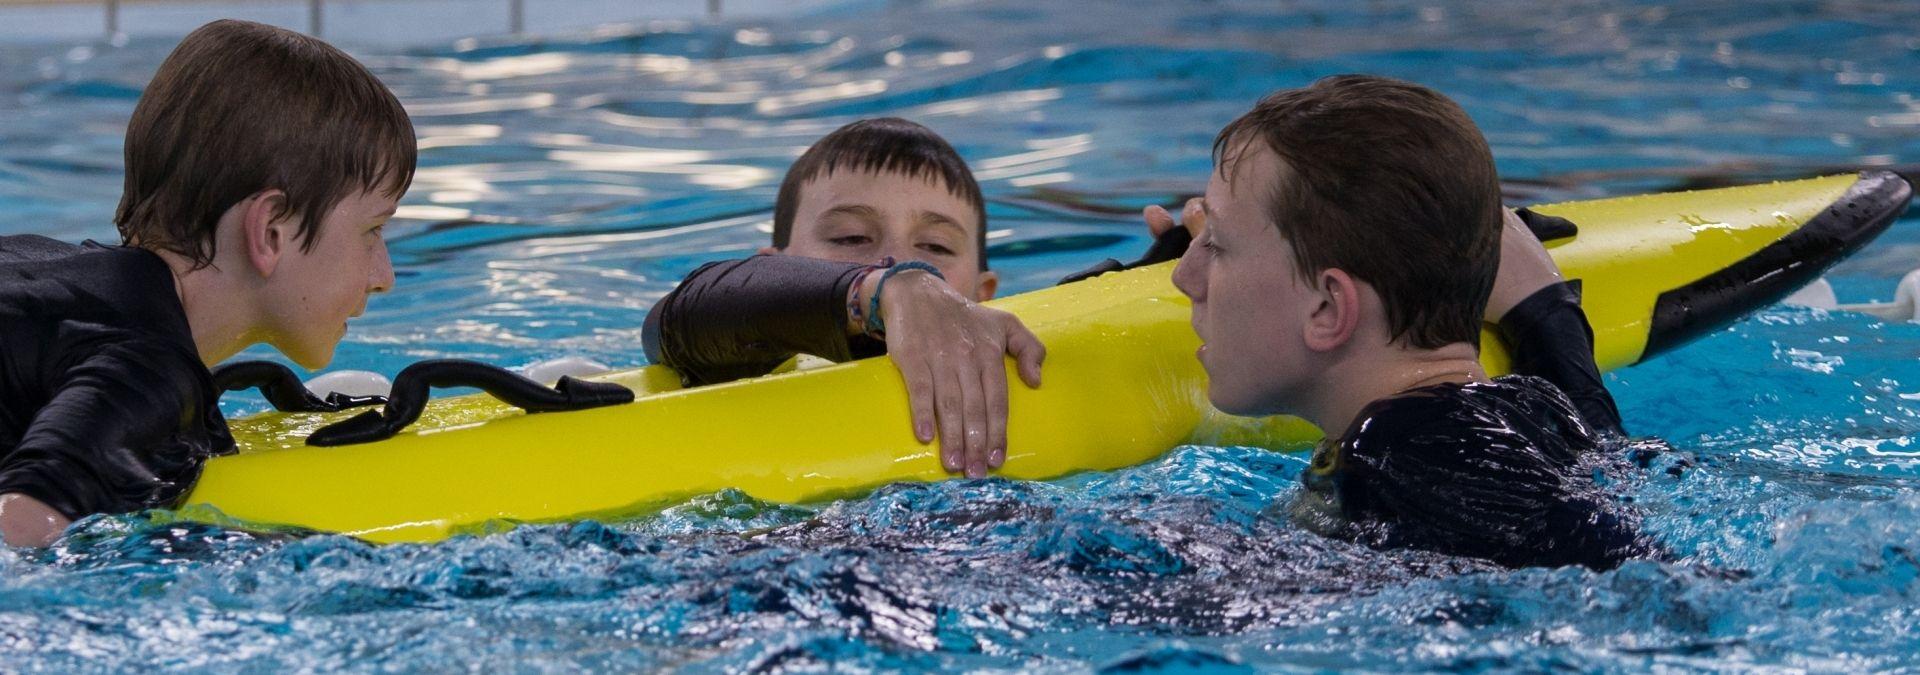 Reddingsbrigade zwemmend redden opleiding rescueboard